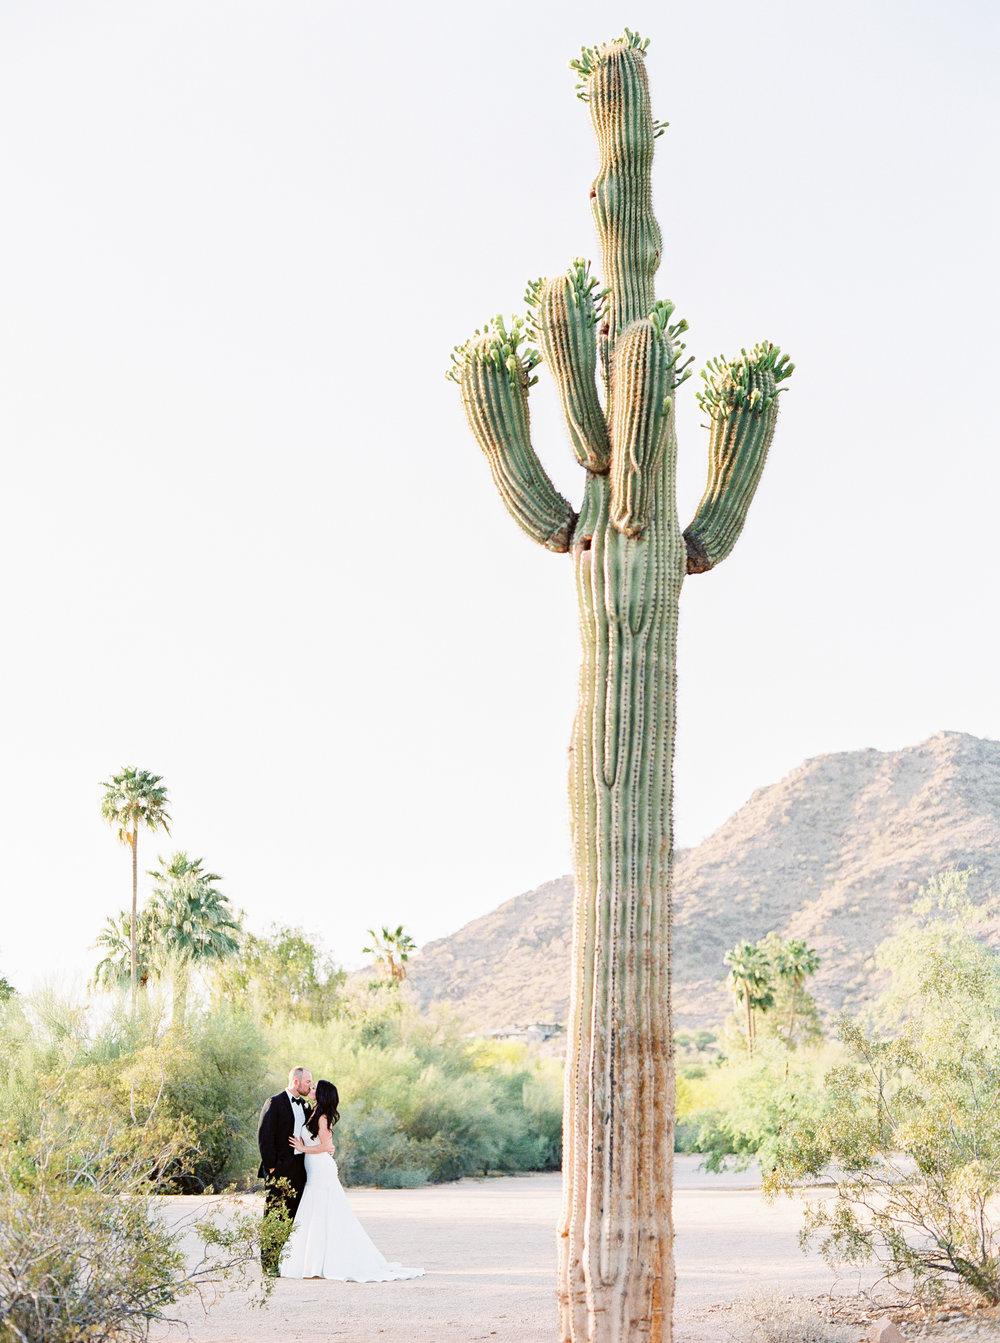 El_Chorro_Destination_Wedding_Planner_24.JPG